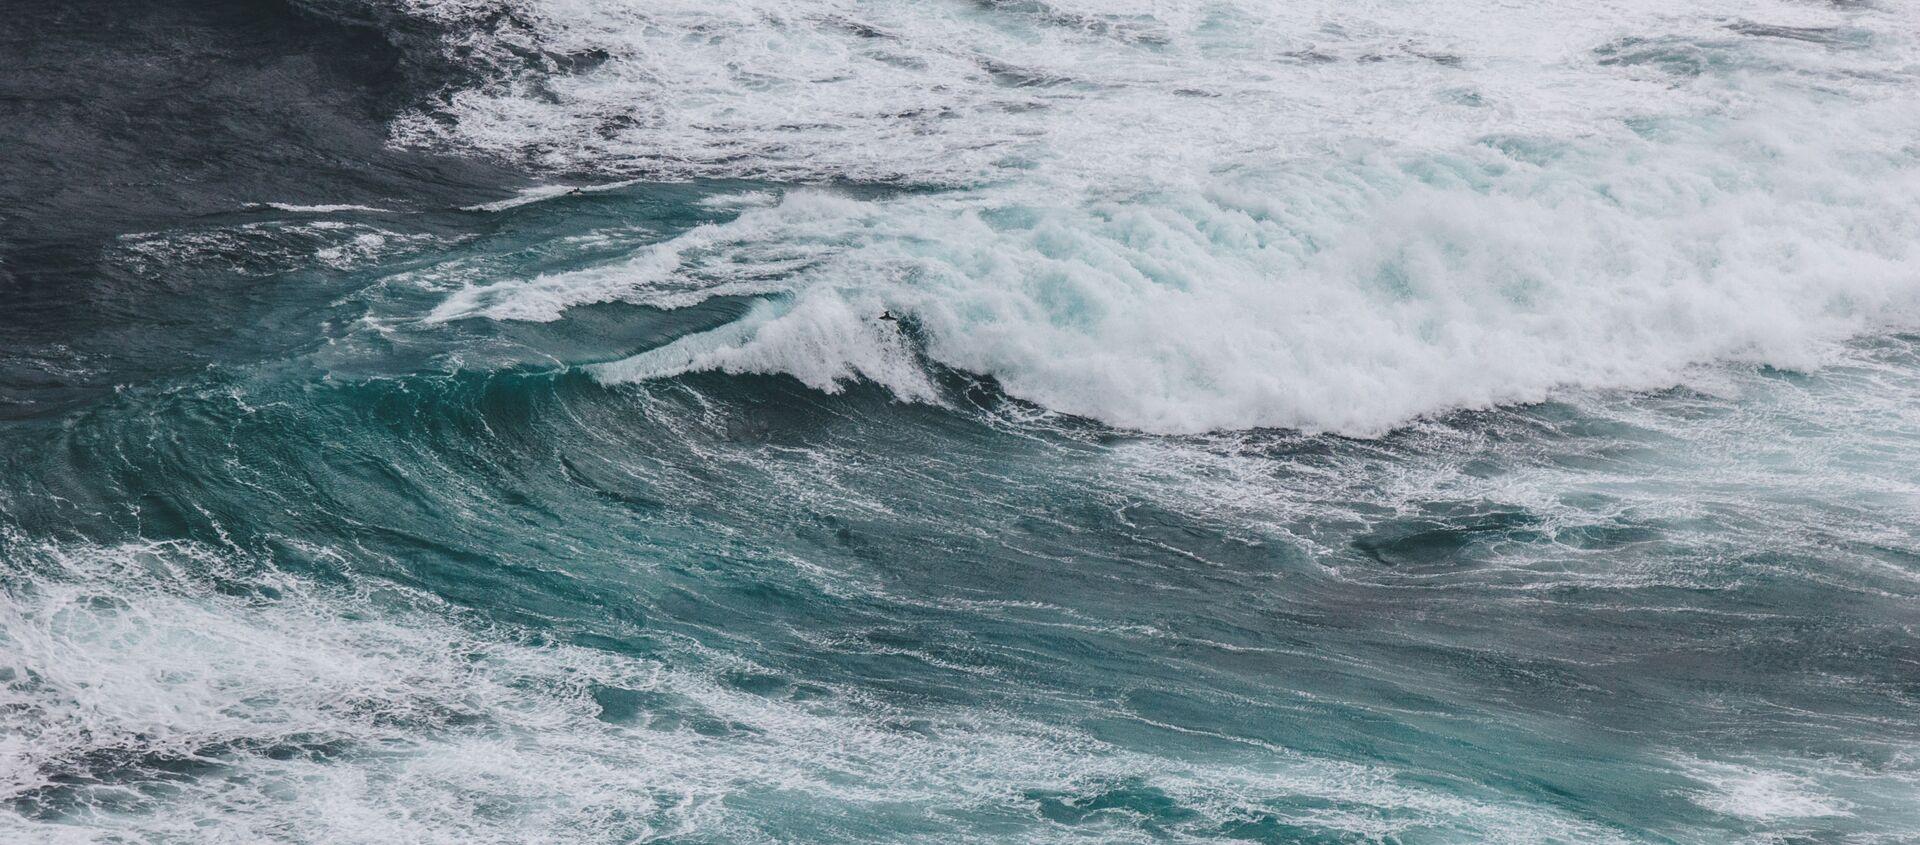 Волны во время шторма - Sputnik 日本, 1920, 10.03.2021